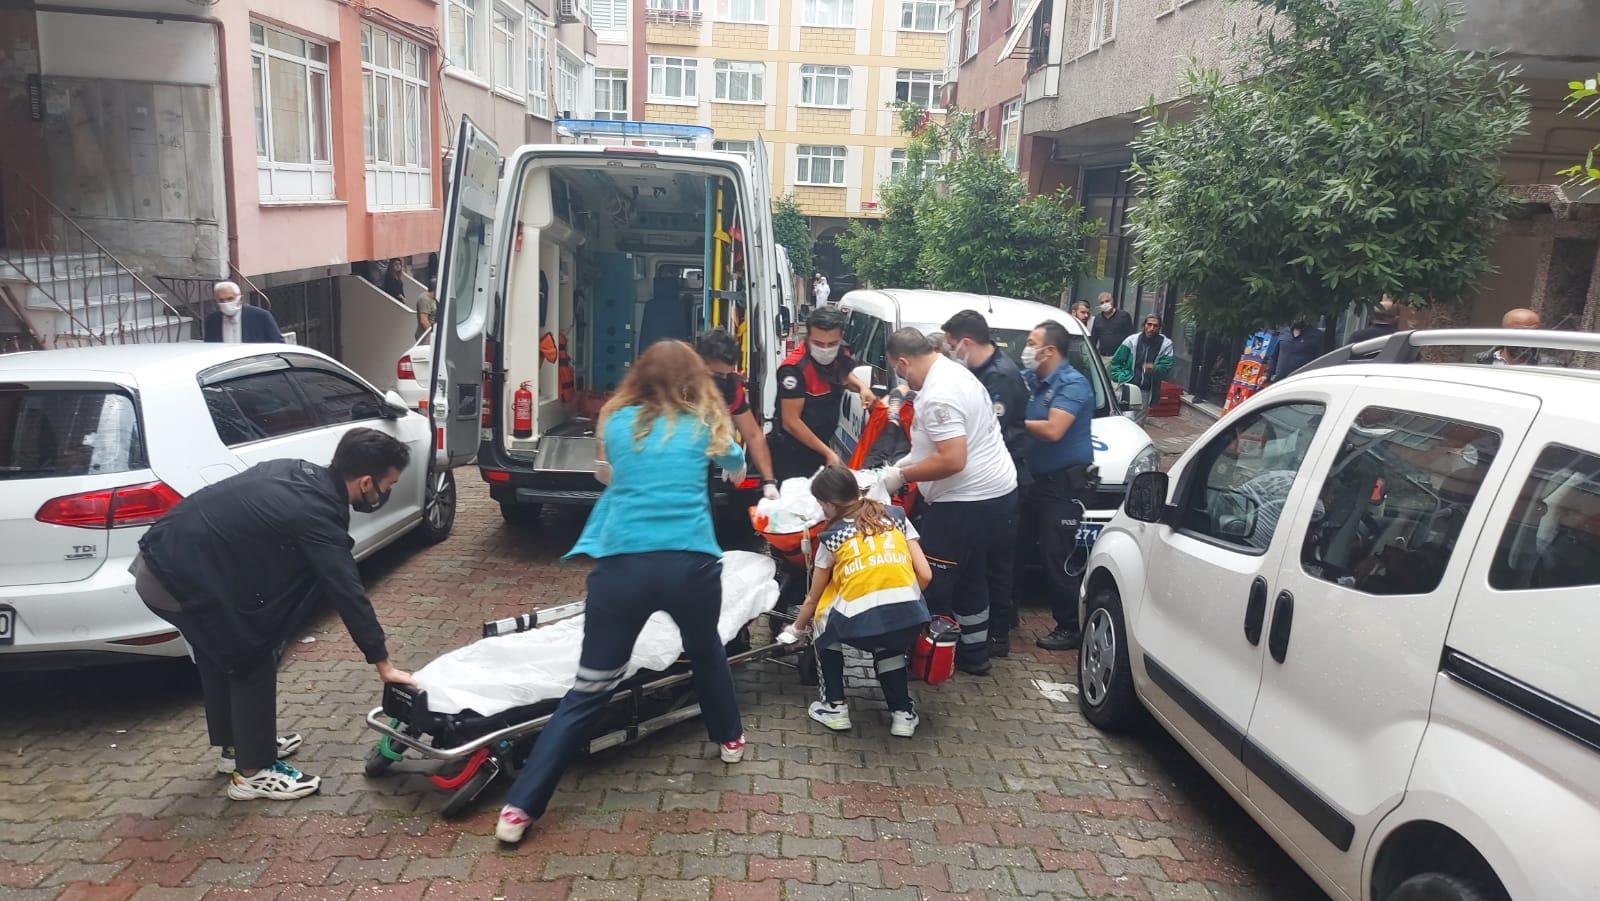 Güngören'de iki kardeşe kurşun yağdı, 2 kardeş hayatını kaybetti